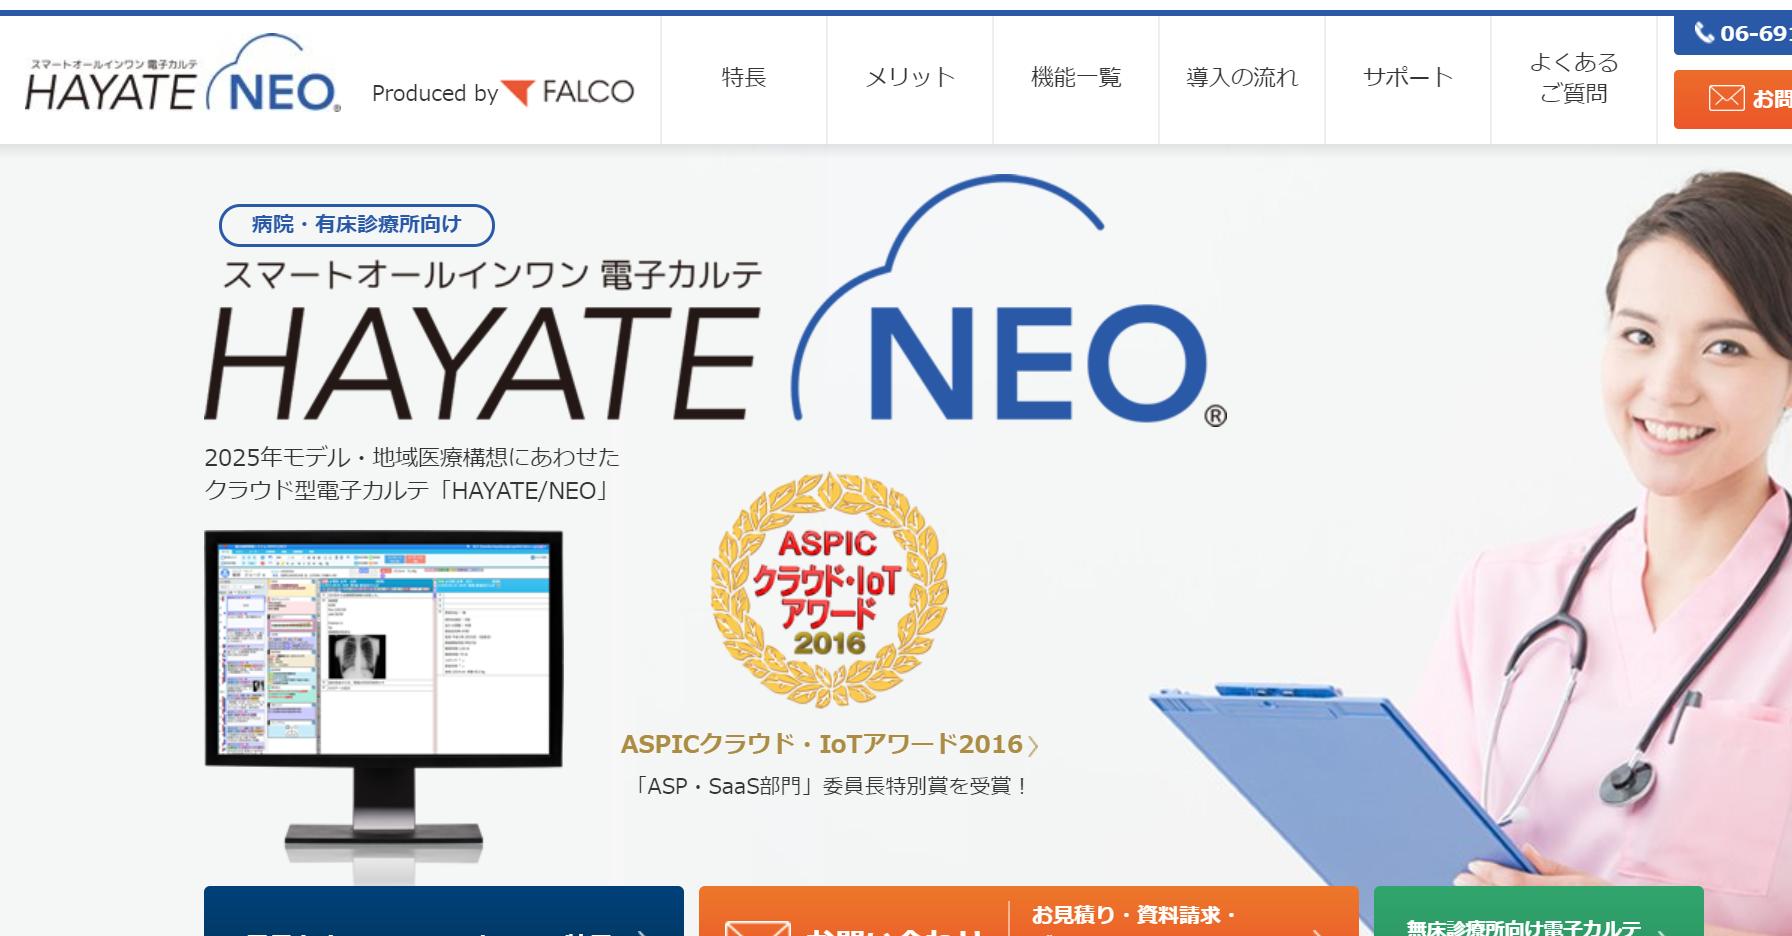 HAYATE/NEO